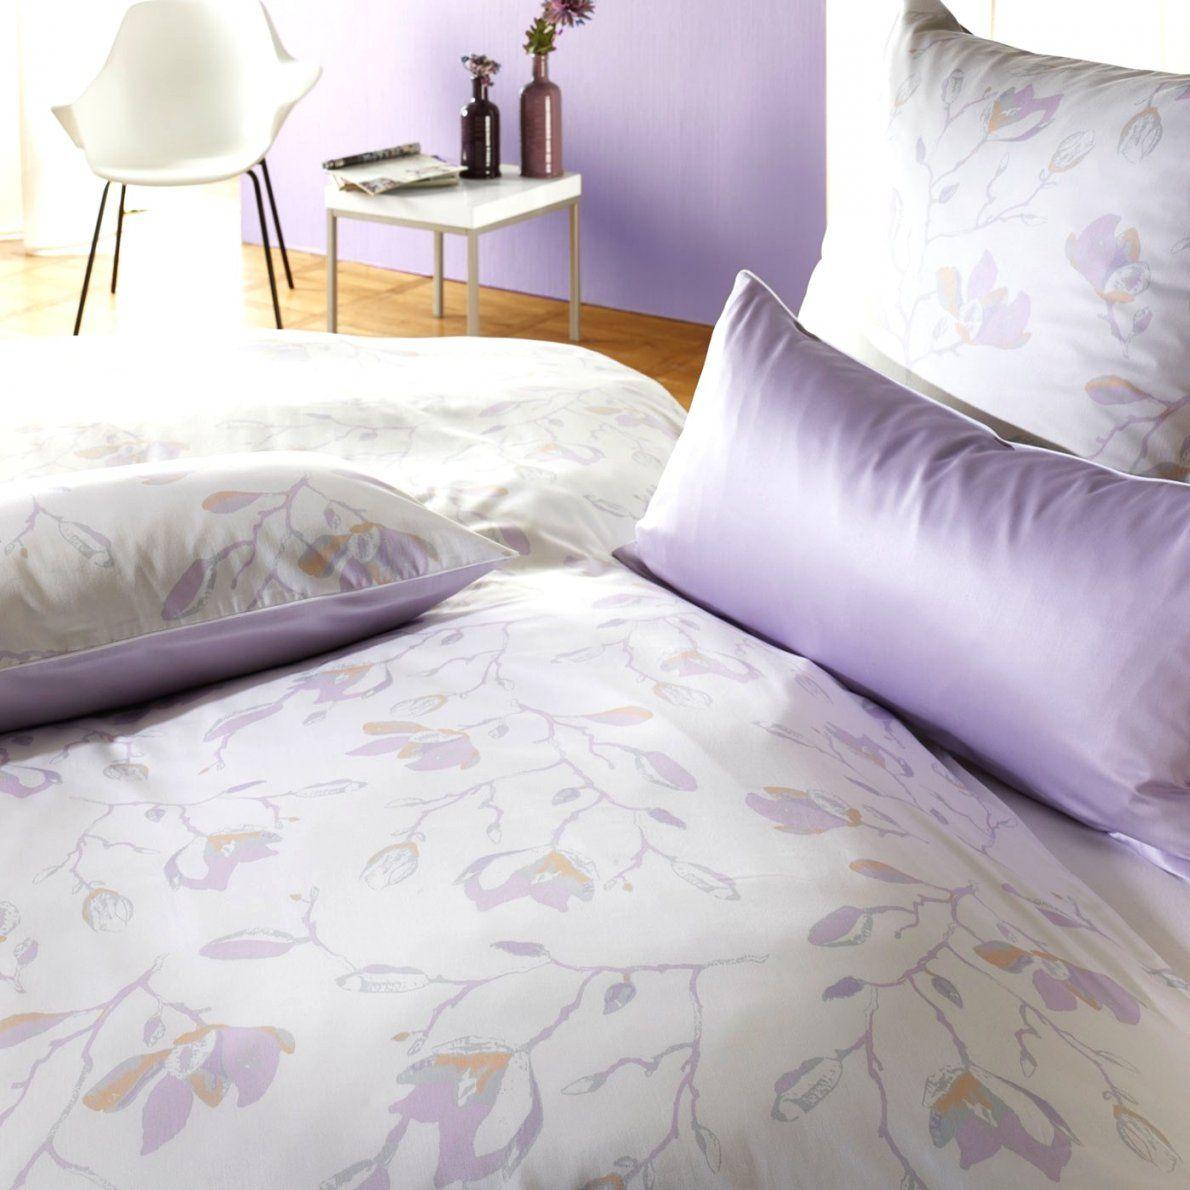 Brillante Inspiration Bettwäsche Lavendel Und Ästhetische Curt Bauer von Bettwäsche Lavendel Motiv Bild